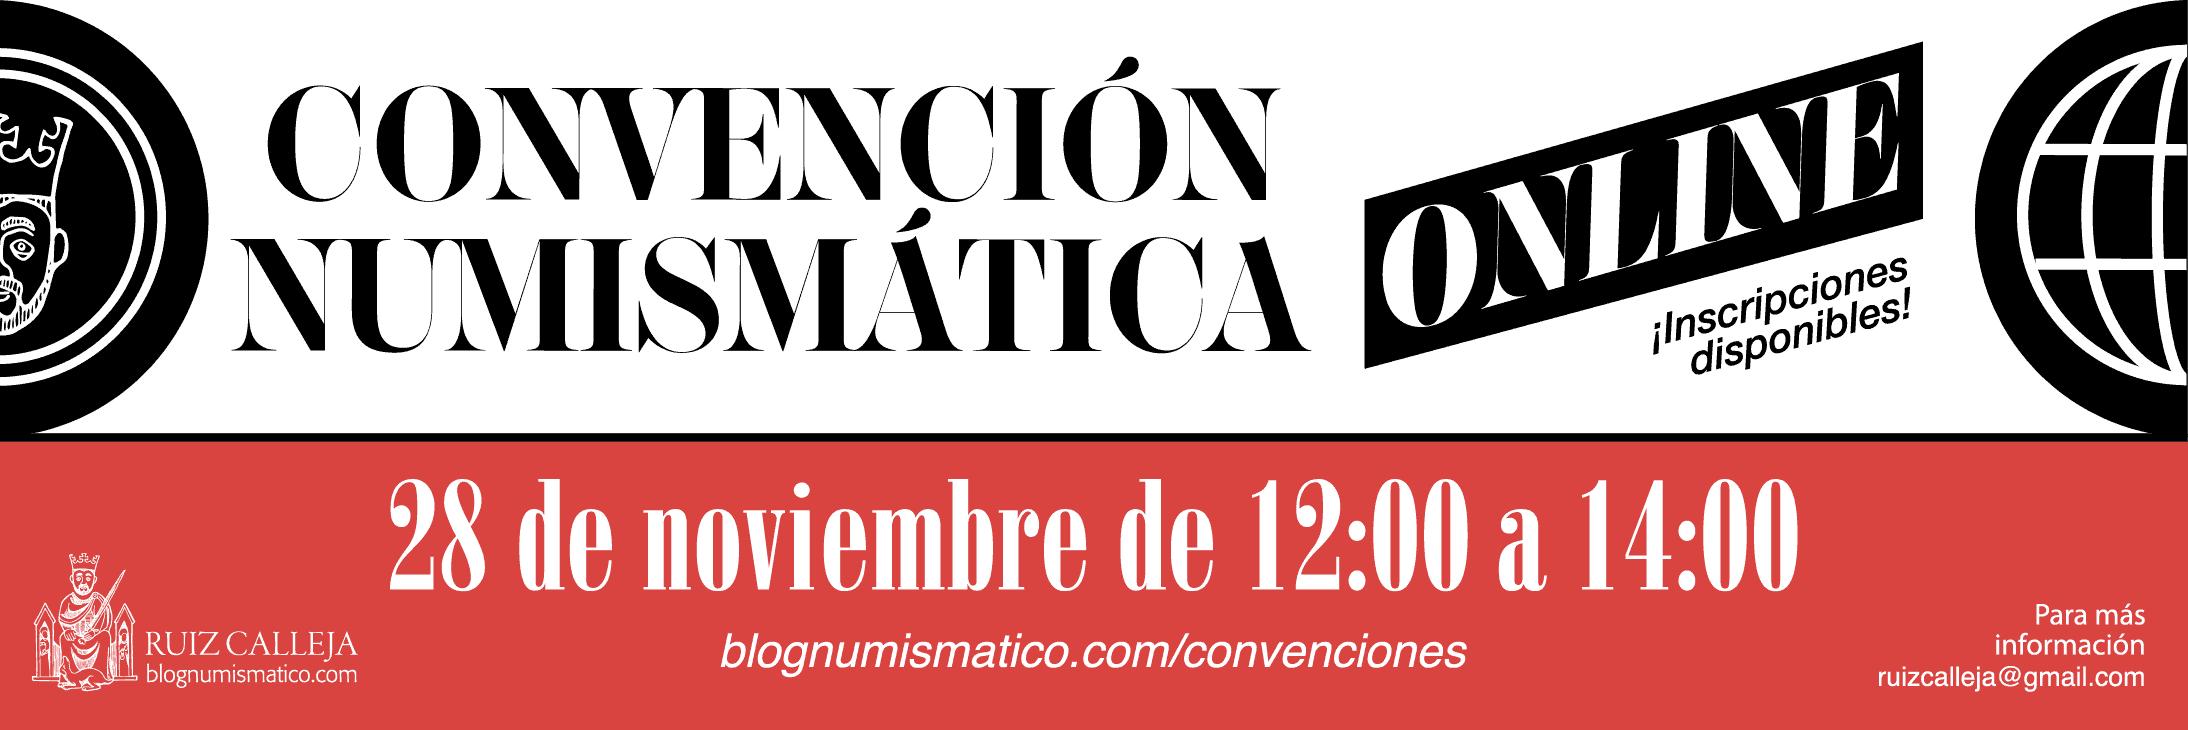 banner_convenciones_2